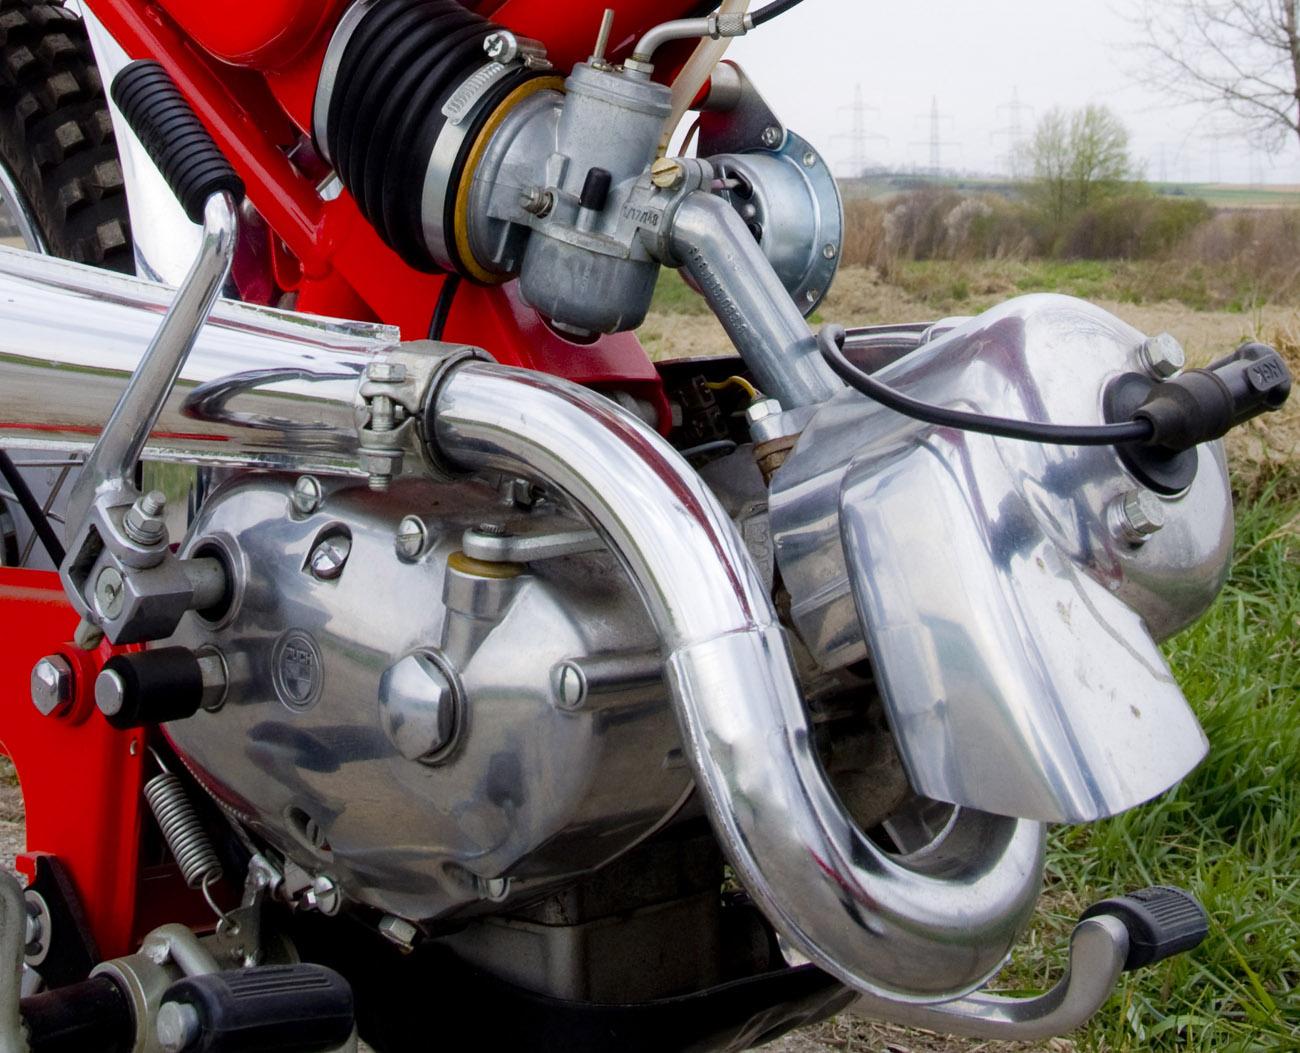 Puch Ersatzteile, KTM Ersatzteile, BMW- und Lohner-Ersatzteile ...